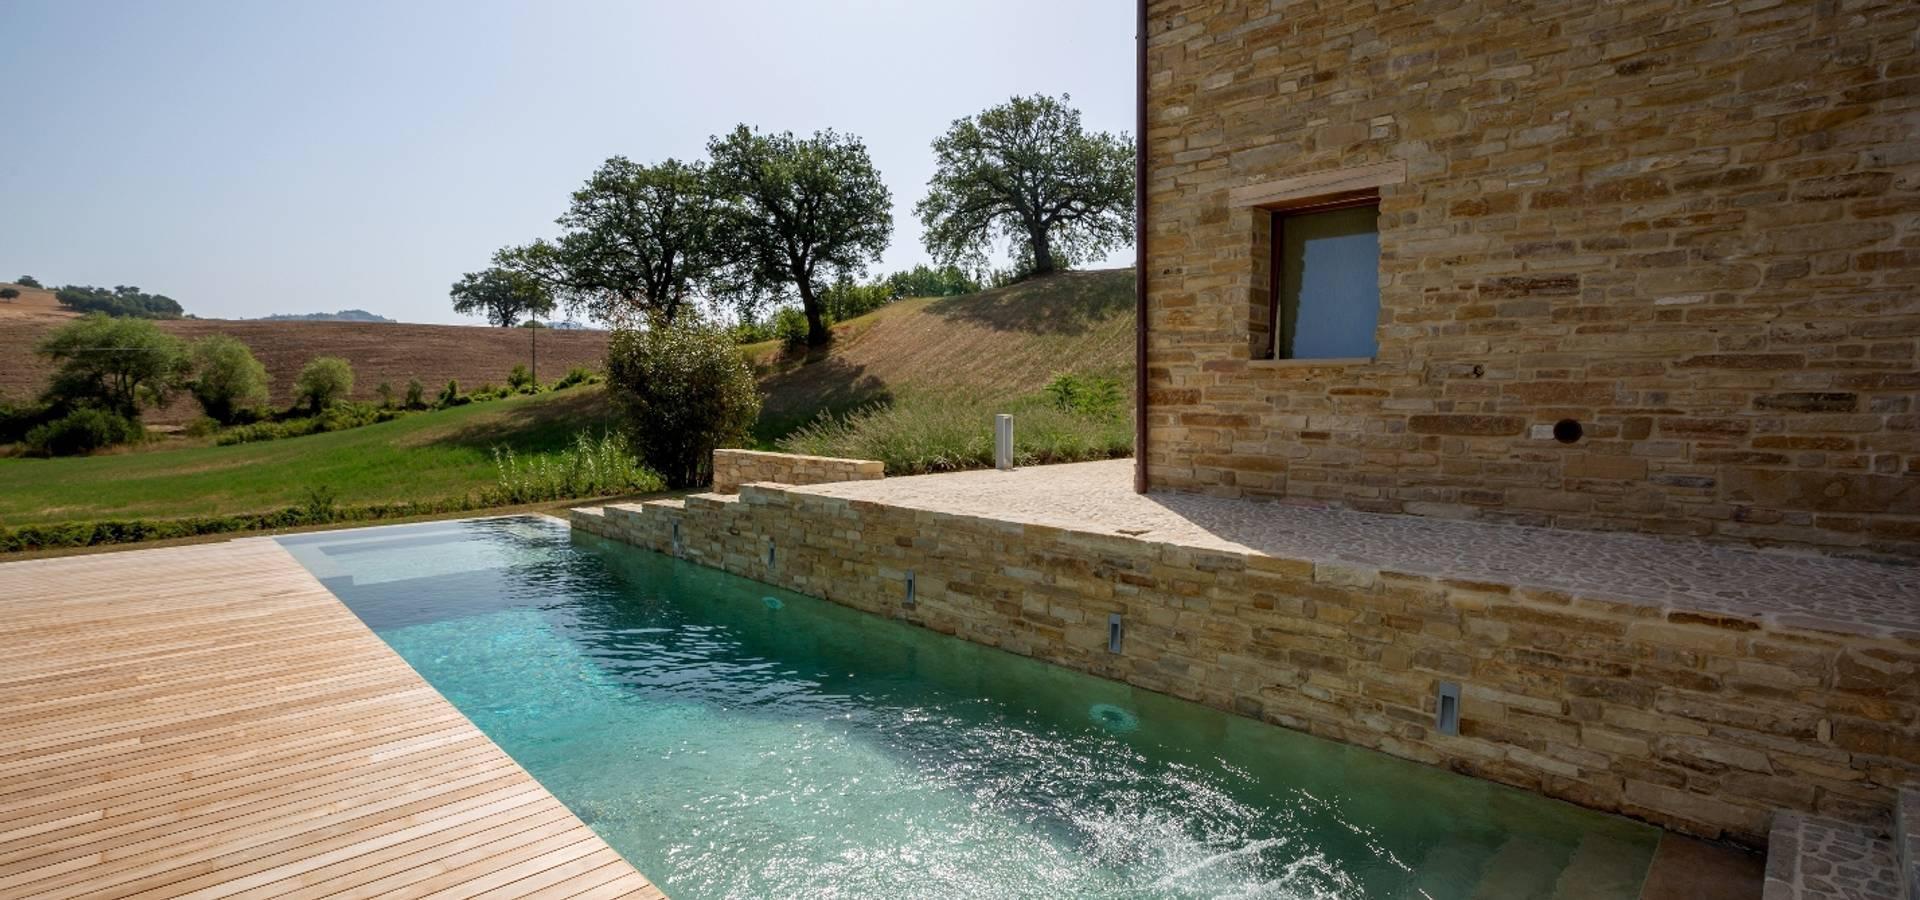 Piscine castiglione piscine spa a castiglione delle for Castiglione piscine